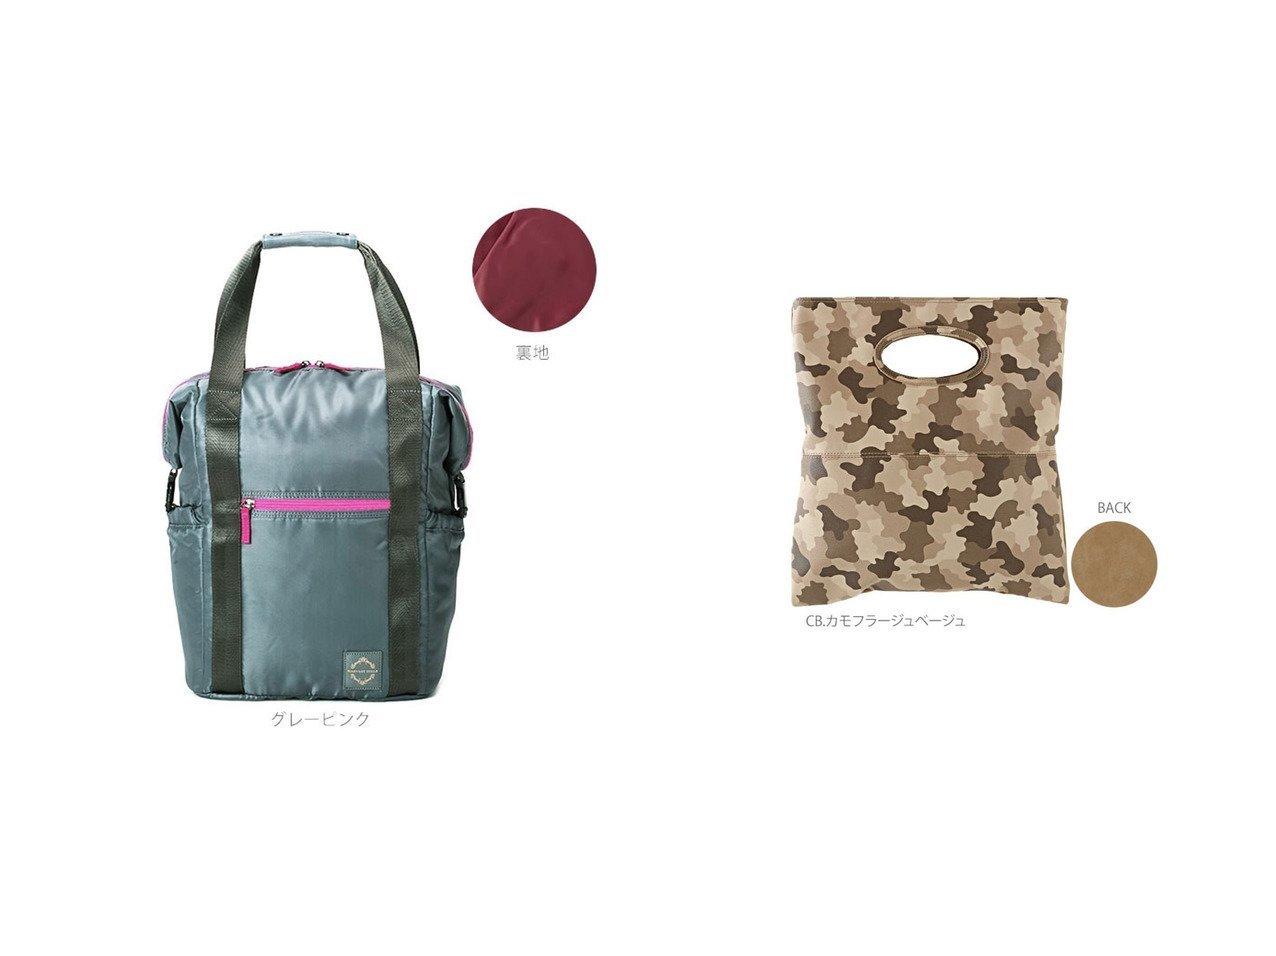 【NOBRAND/ノーブランド】のハーベストヒルズ HARVEST HILLS 2WAYリュック バックパック&【anello/アネロ】の#AU-27001 ヴィンテージフランダムシワ合皮 クラッチバッグ バッグ・鞄のおすすめ!人気、トレンド・レディースファッションの通販 おすすめで人気の流行・トレンド、ファッションの通販商品 メンズファッション・キッズファッション・インテリア・家具・レディースファッション・服の通販 founy(ファニー) https://founy.com/ ファッション Fashion レディースファッション WOMEN アウター Coat Outerwear トップス Tops Tshirt ベスト/ジレ Gilets Vests バッグ Bag インナー 洗える カメラ 軽量 シンプル 財布 ポケット ポーチ リュック カモフラージュ クラッチ スマート トレンド 定番 Standard メンズ |ID:crp329100000015007